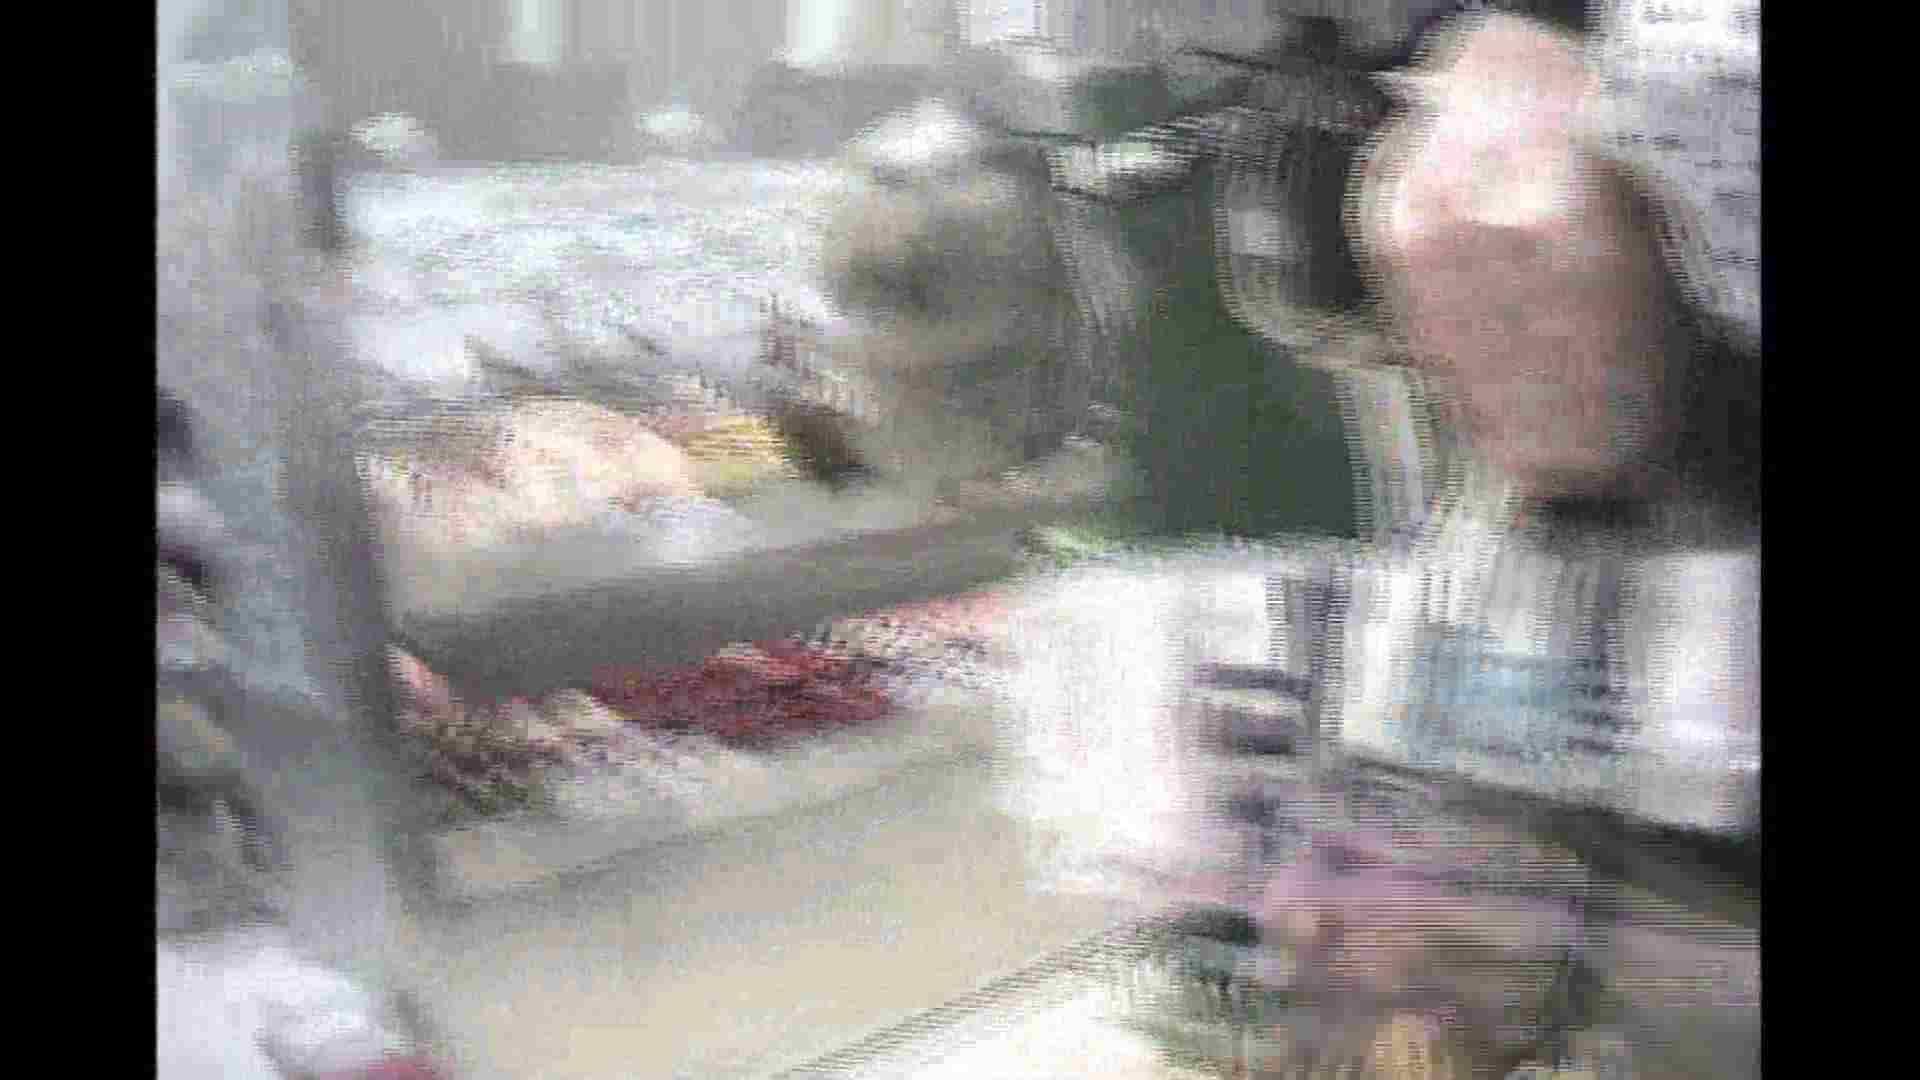 働く美女の谷間参拝 Vol.34 美女エロ画像 AV動画キャプチャ 75PICs 43